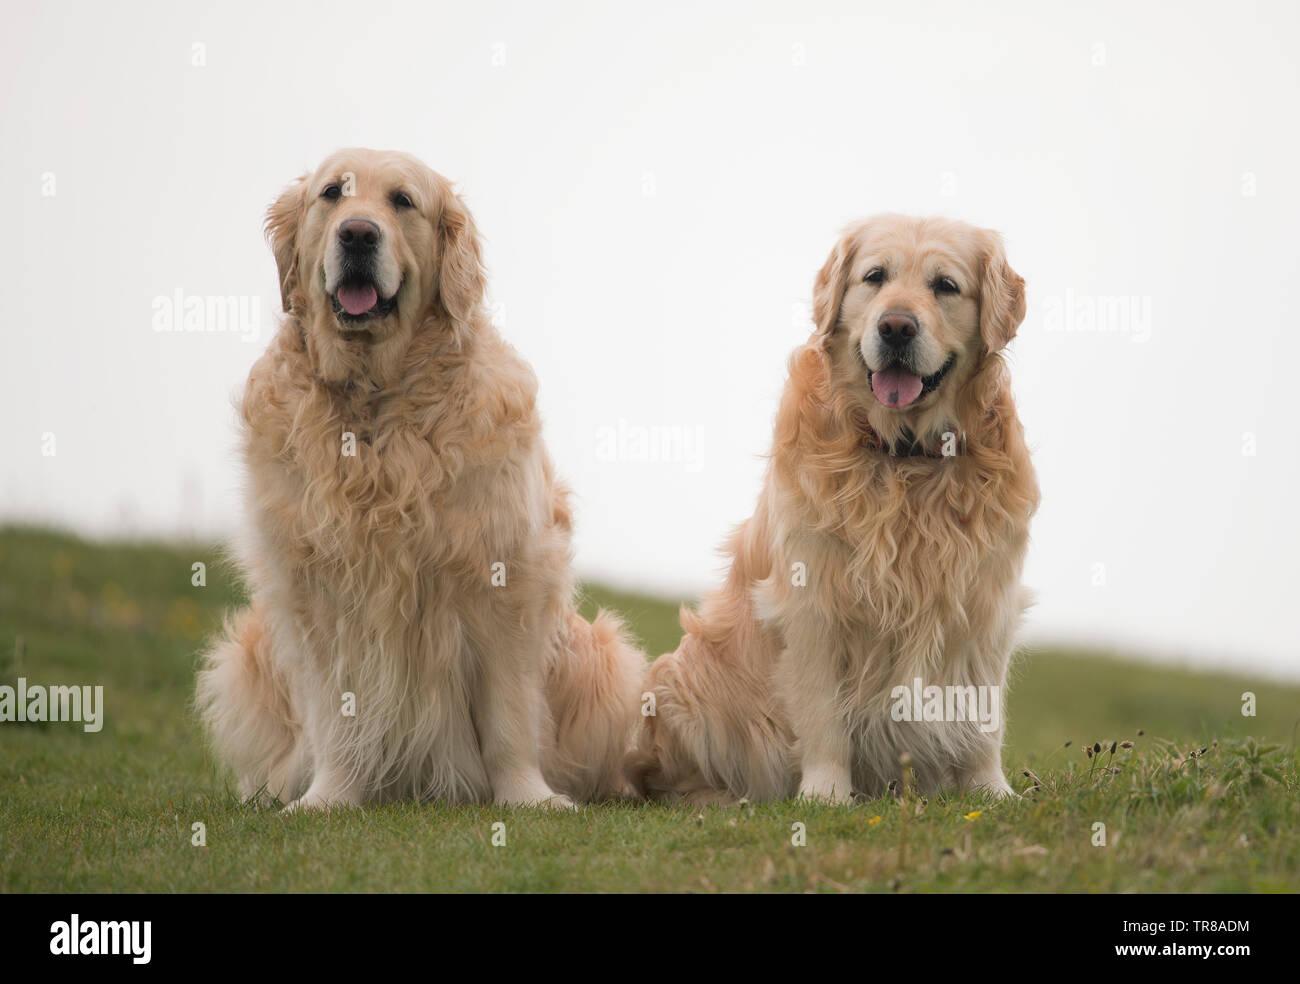 Pair of Golden Retrievers-Canis lupus familiaris. - Stock Image